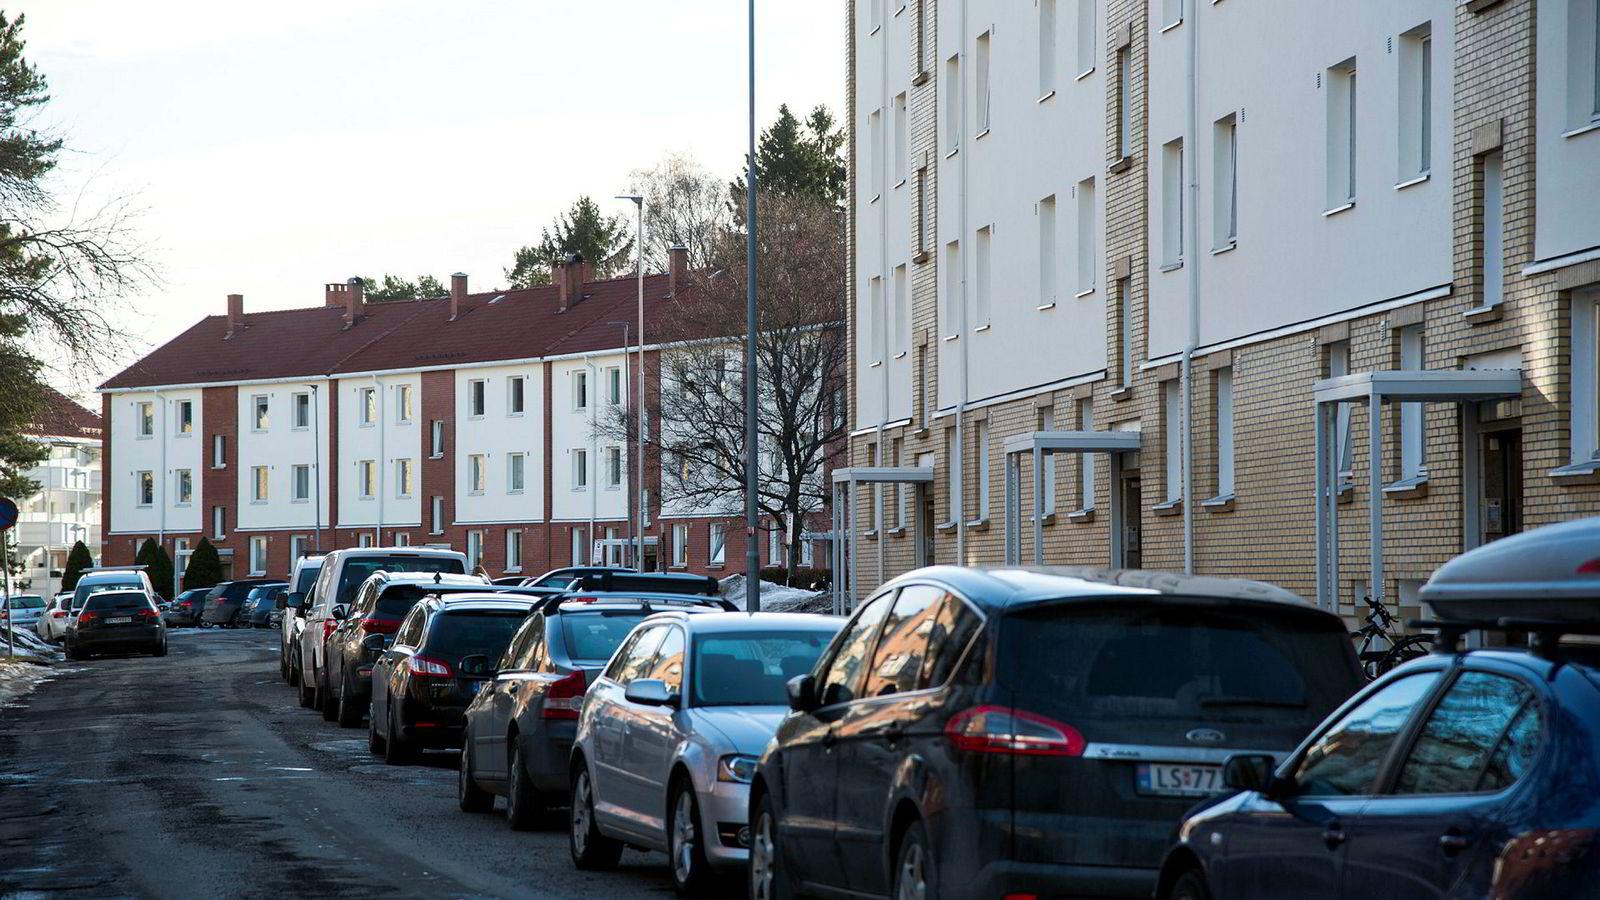 Prisen på Obos-leiligheter i Oslo har steget 7,2 prosent så langt i år. Det er ventet at de offisielle tallene vil vise lavere prisvekst.